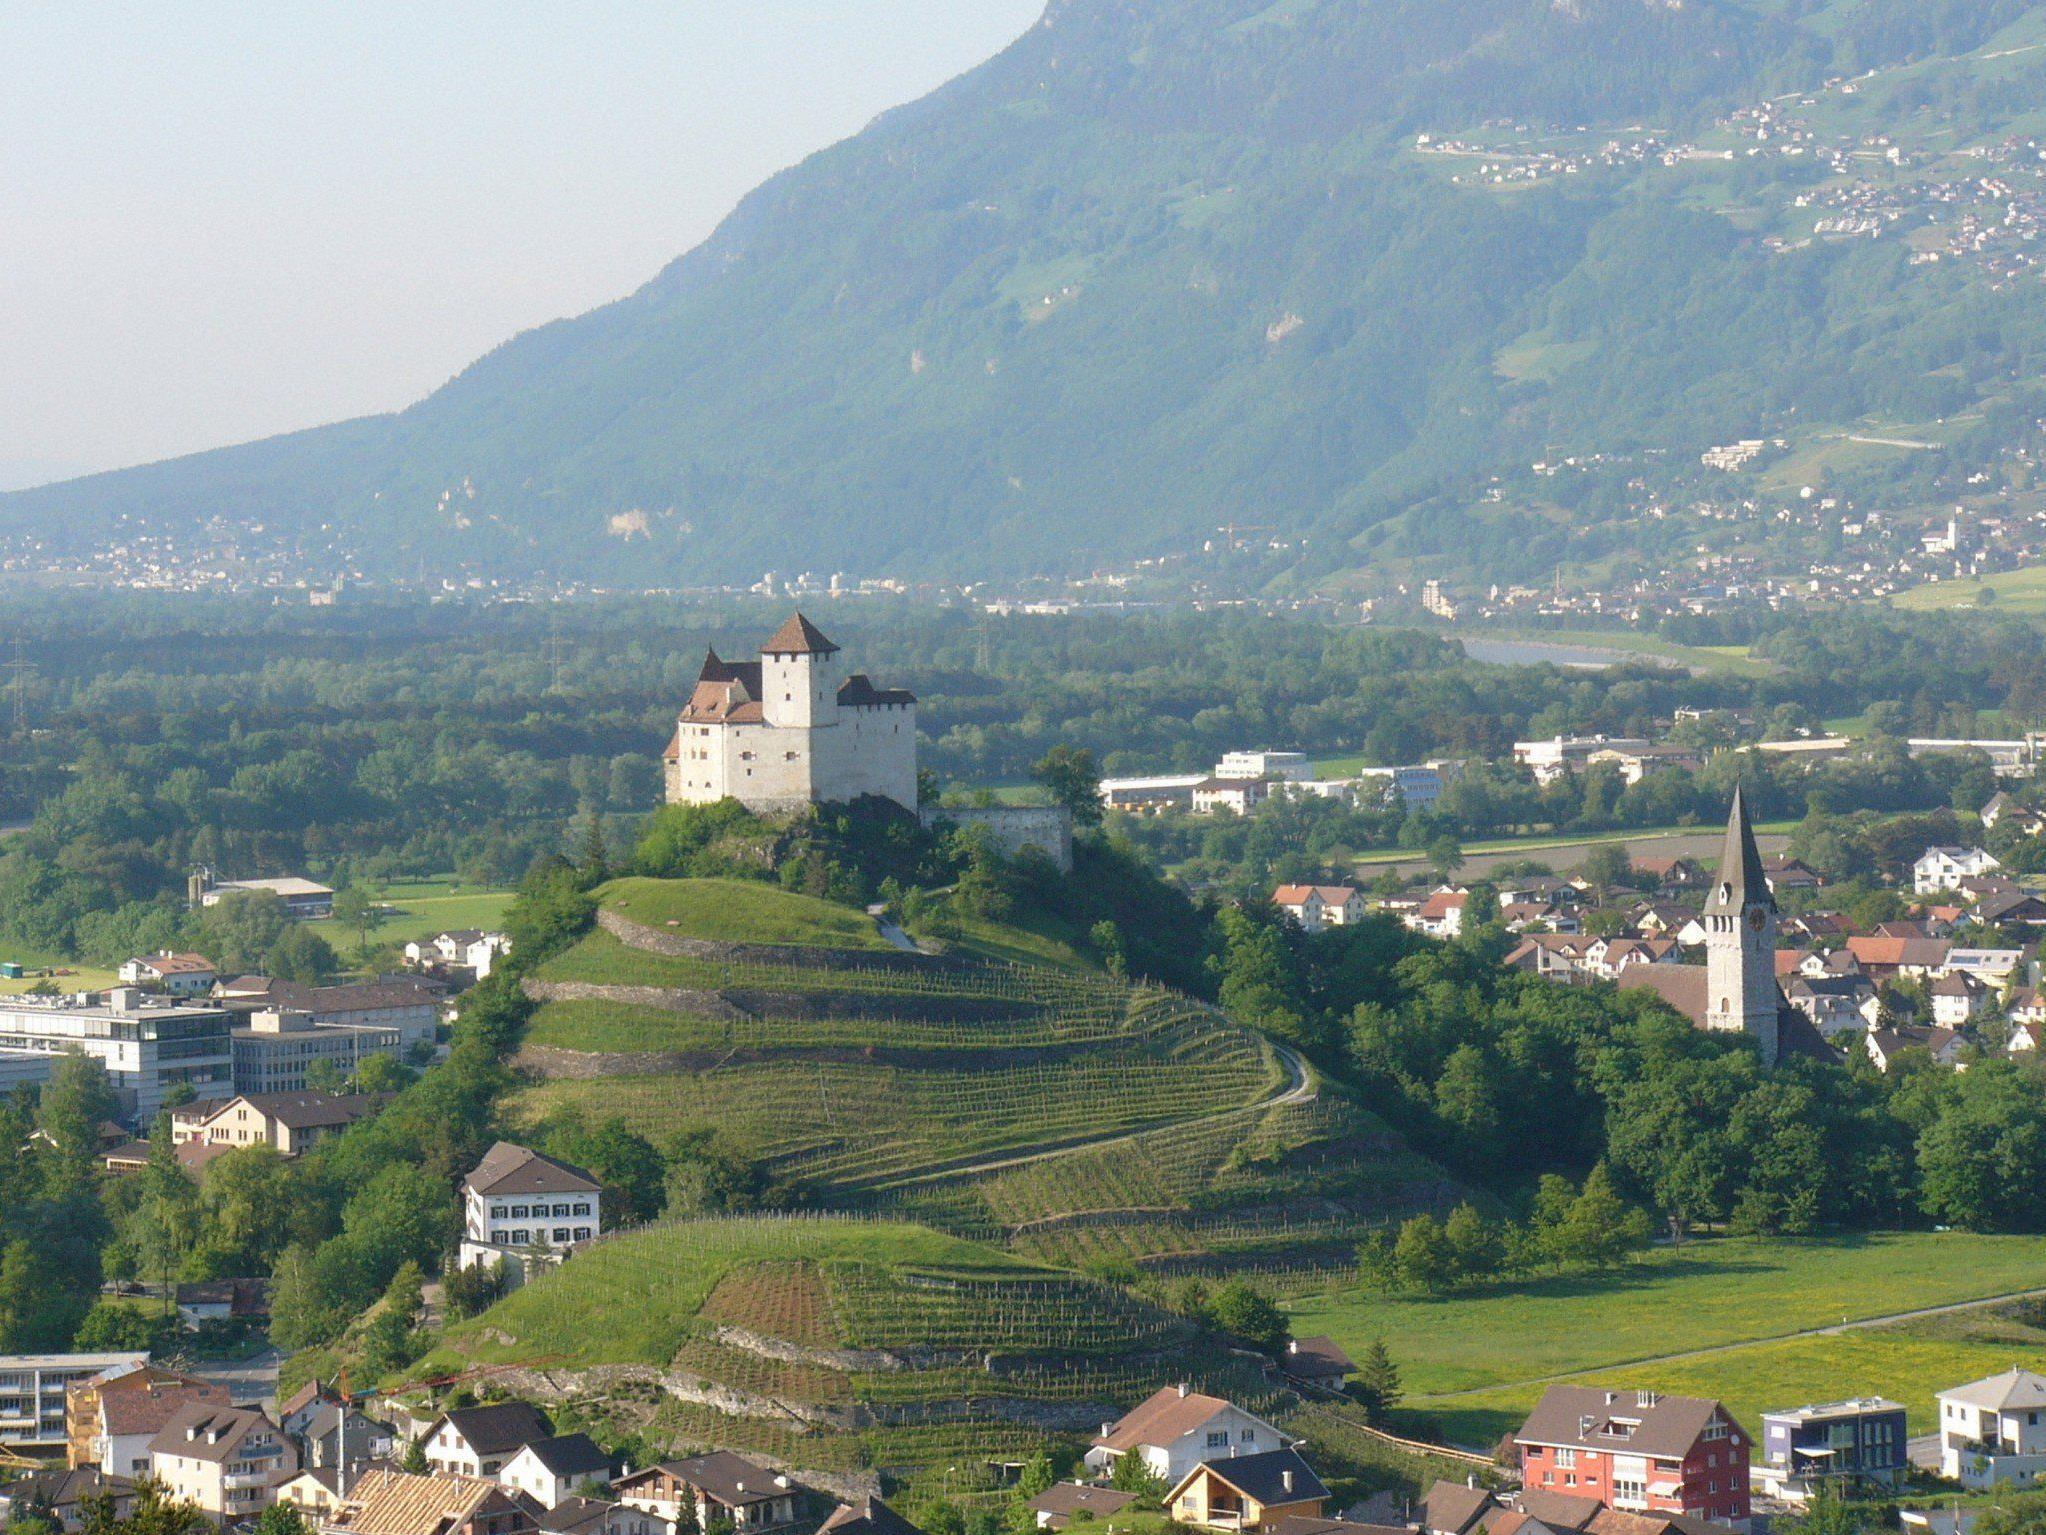 Das Liechtensteiner Budget befindet sich nach wie vor in Schieflage .